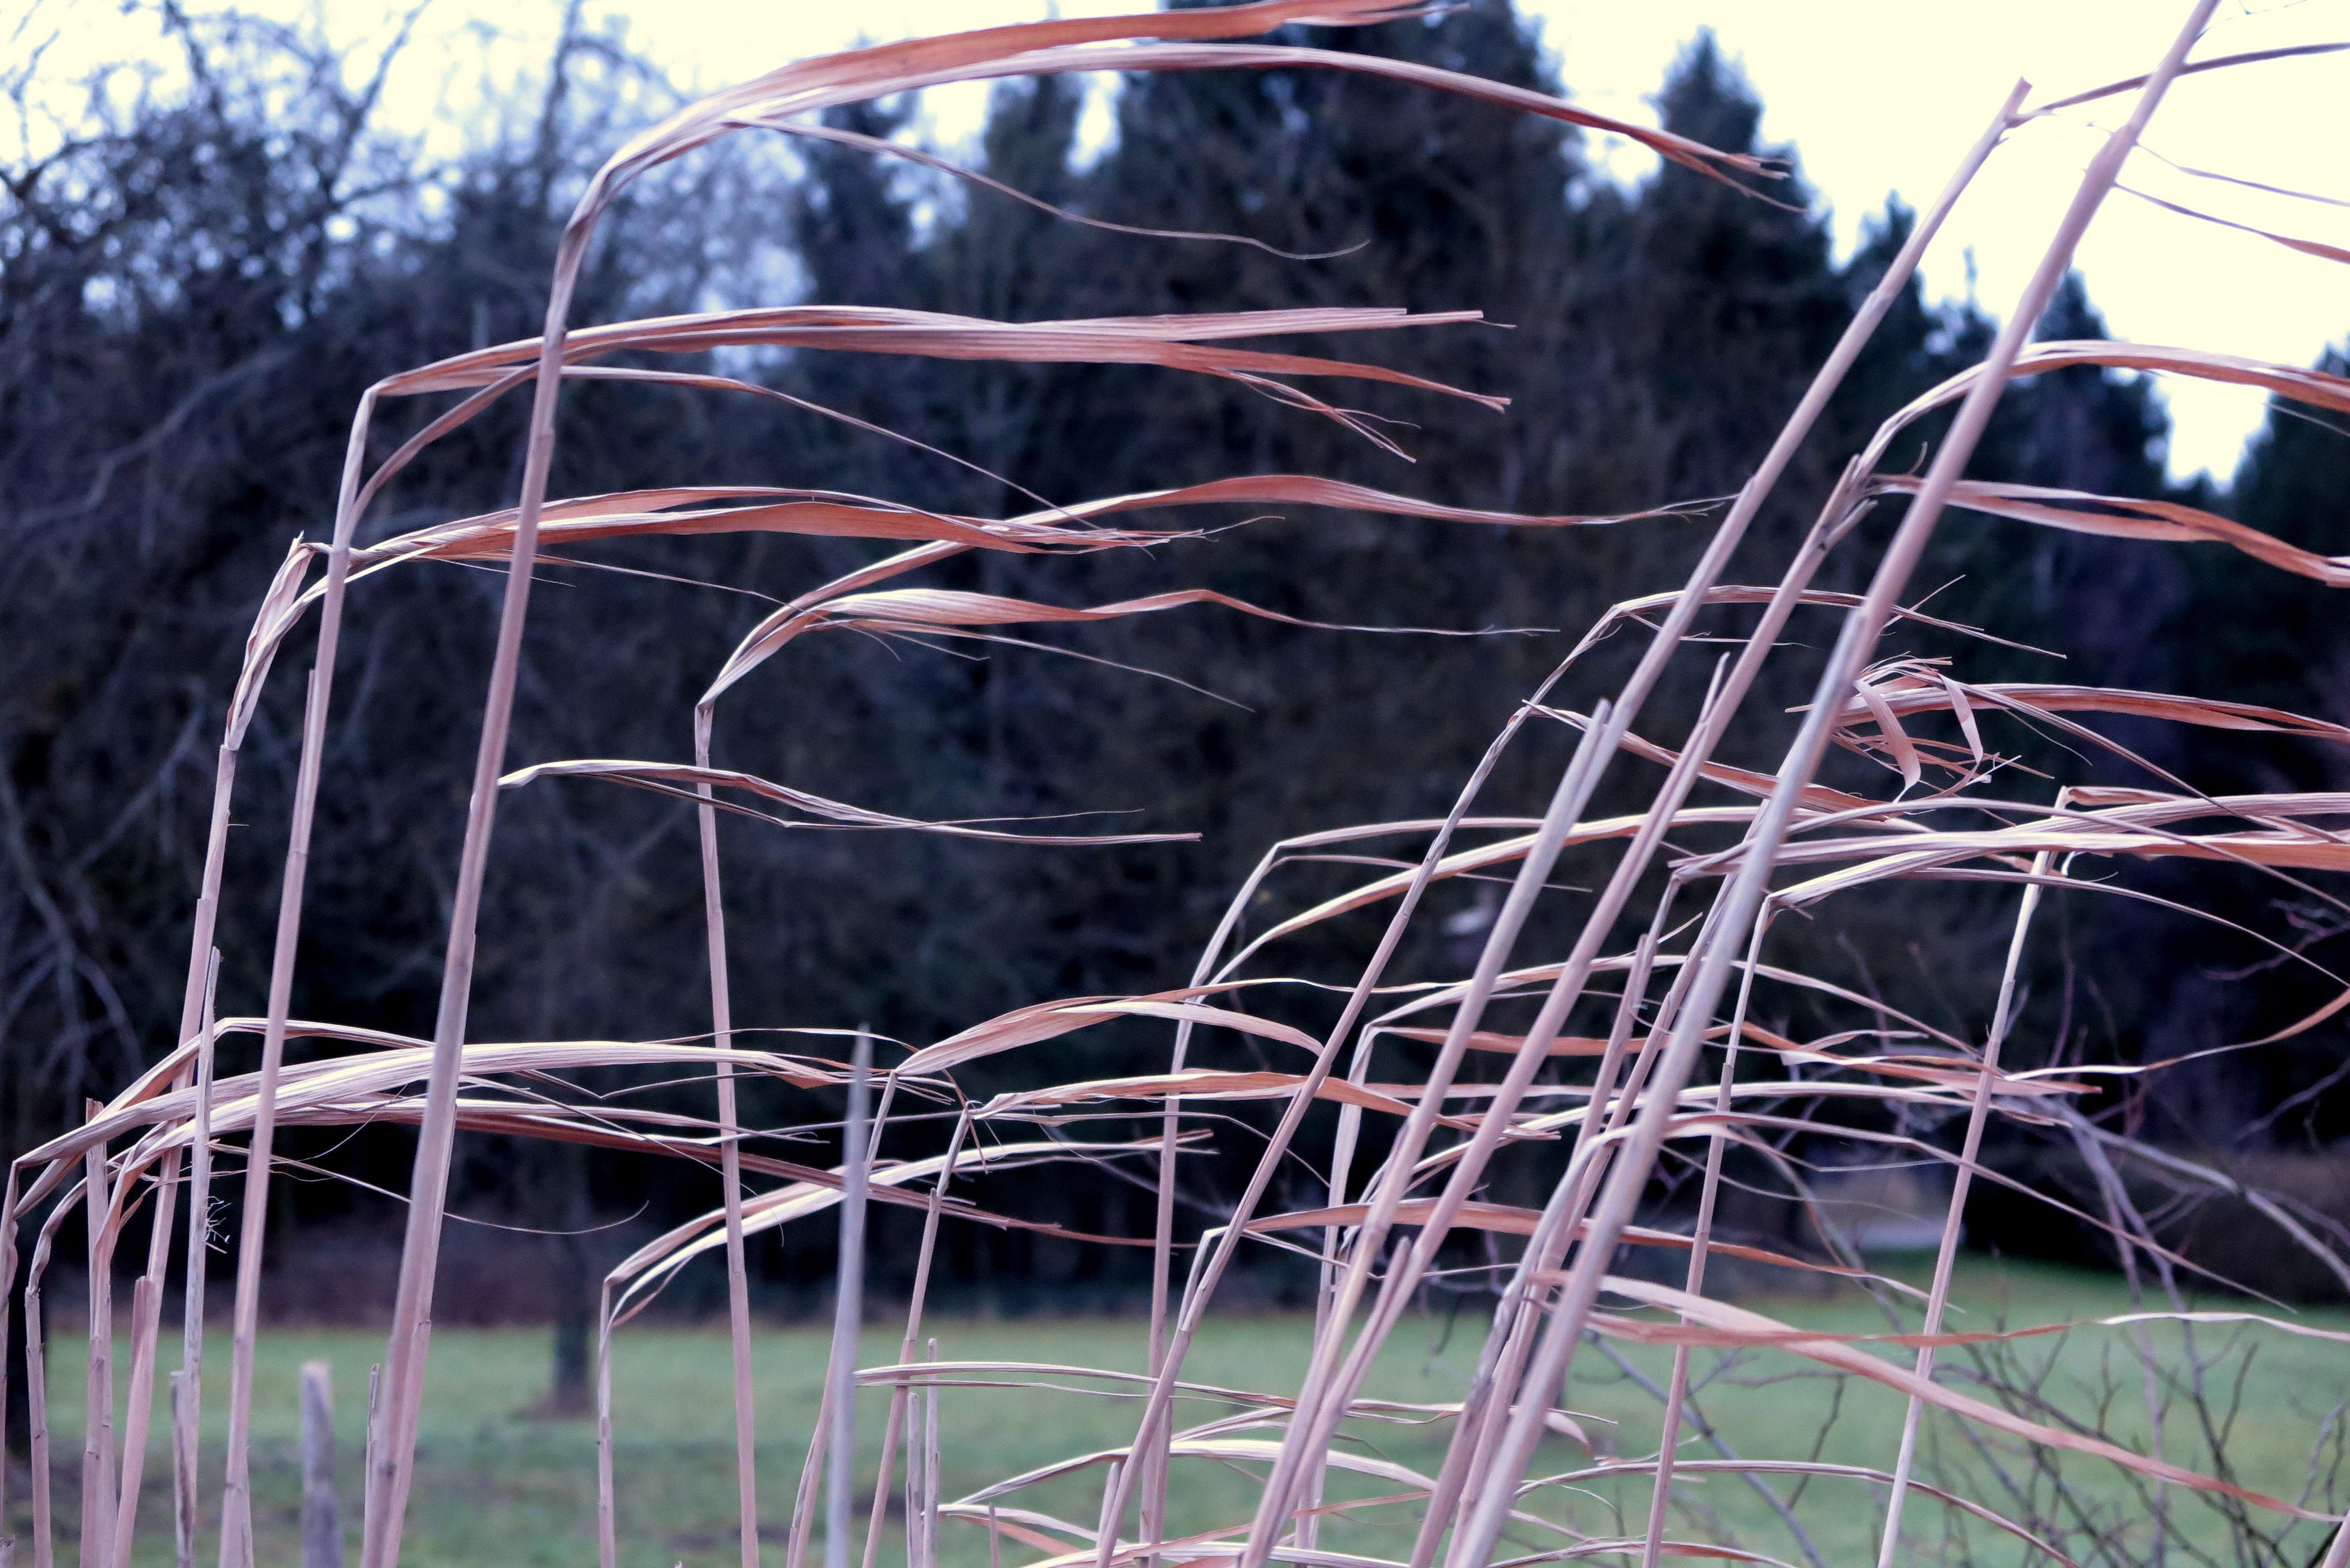 自然褐色_無料画像 : 風景, 自然, 草, フェンス, 工場, ホイール, リード ...